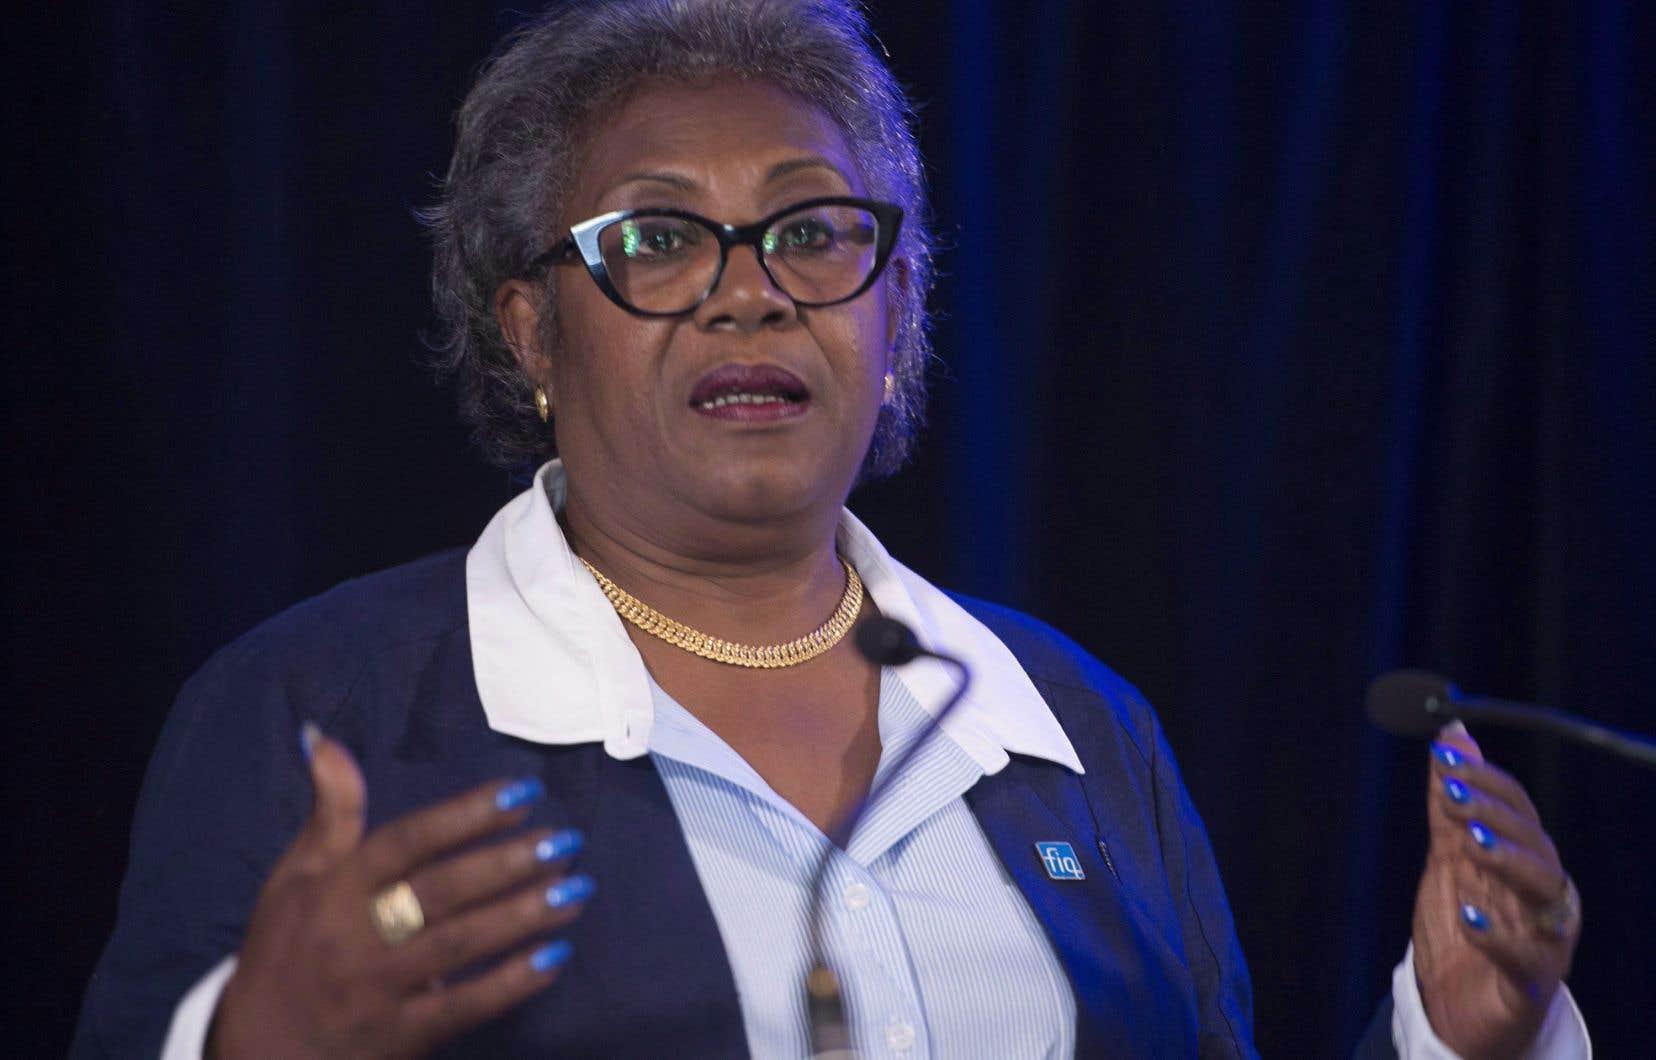 L'ancienne présidente de la Fédération interprofessionnelle de la santé du Québec (FIQ), Régine Laurent